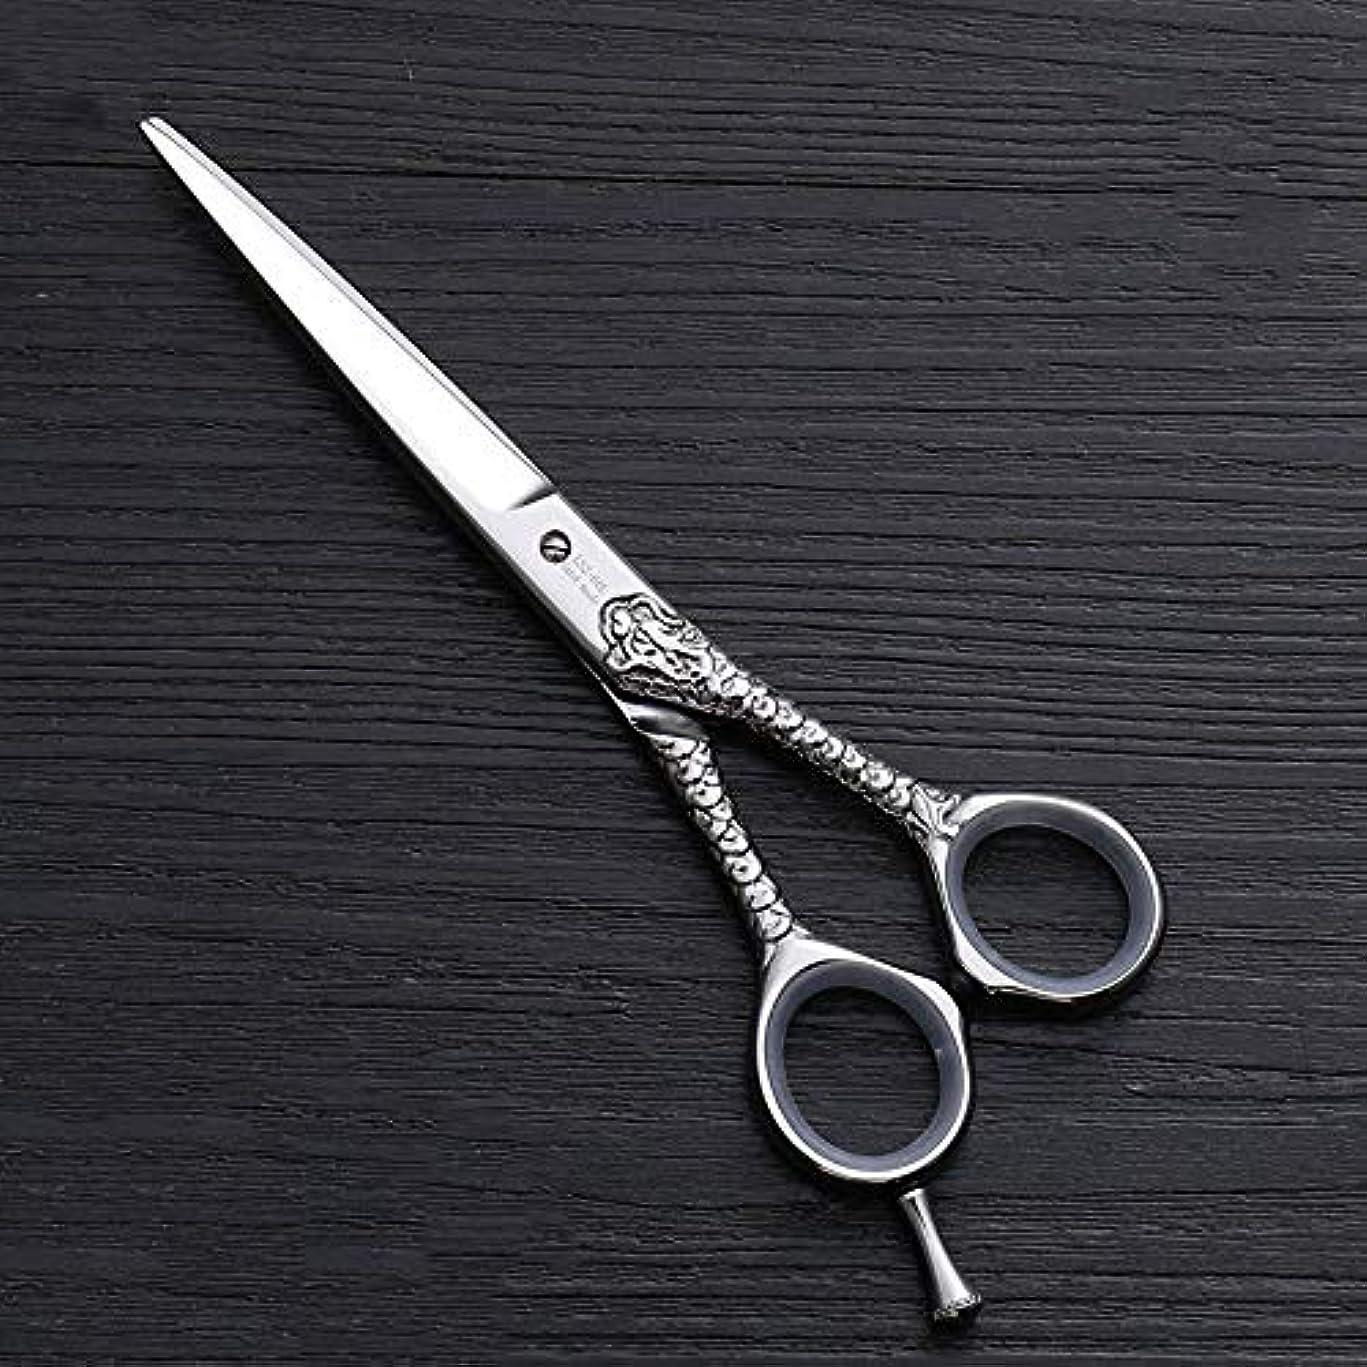 シビックポイントのれんハイエンドのパーソナライズされたプロのバリカン、6.0インチストレートプロのカット理髪はさみ ヘアケア (色 : Silver)